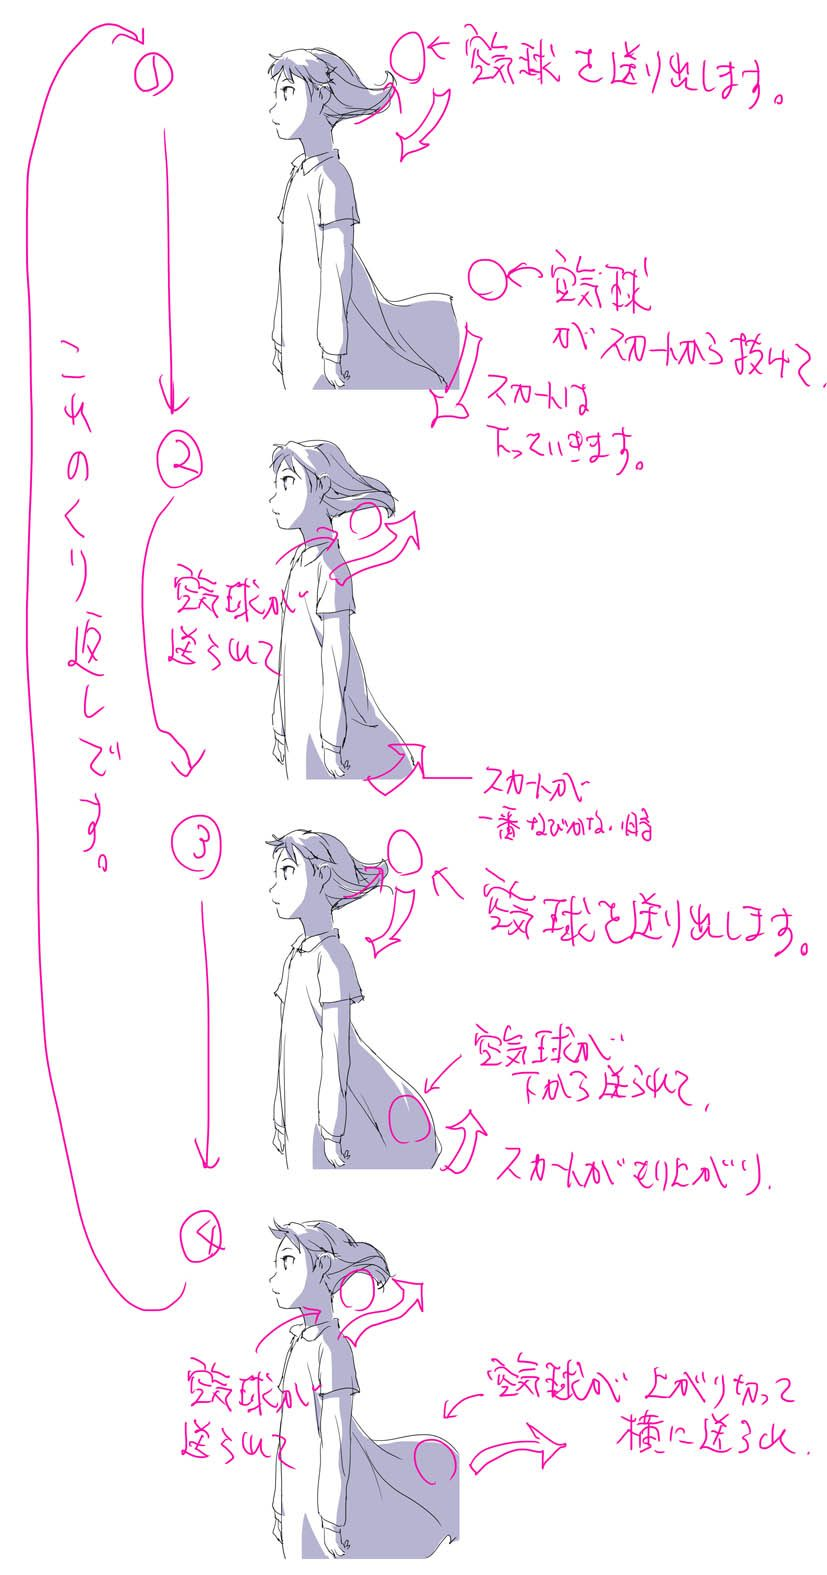 「風の表現アニメの解説。」